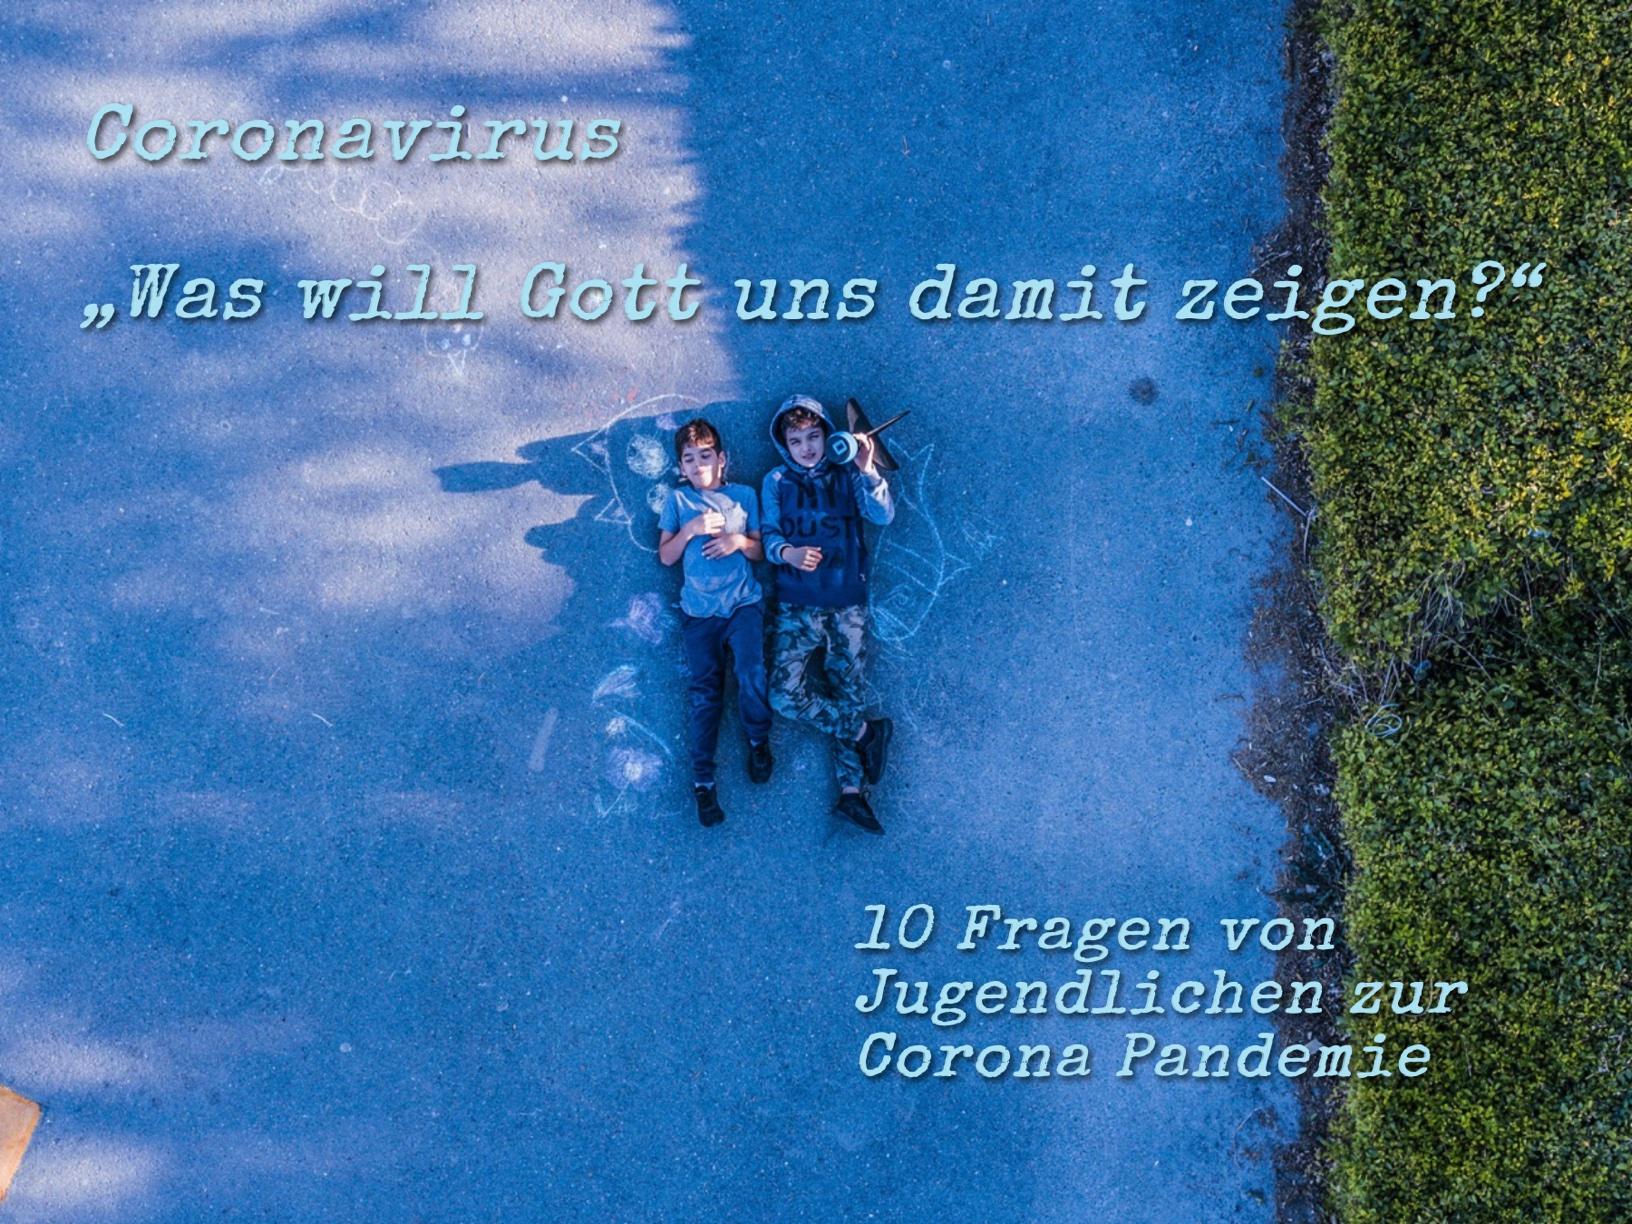 10 Fragen zur Corona-Pandemie